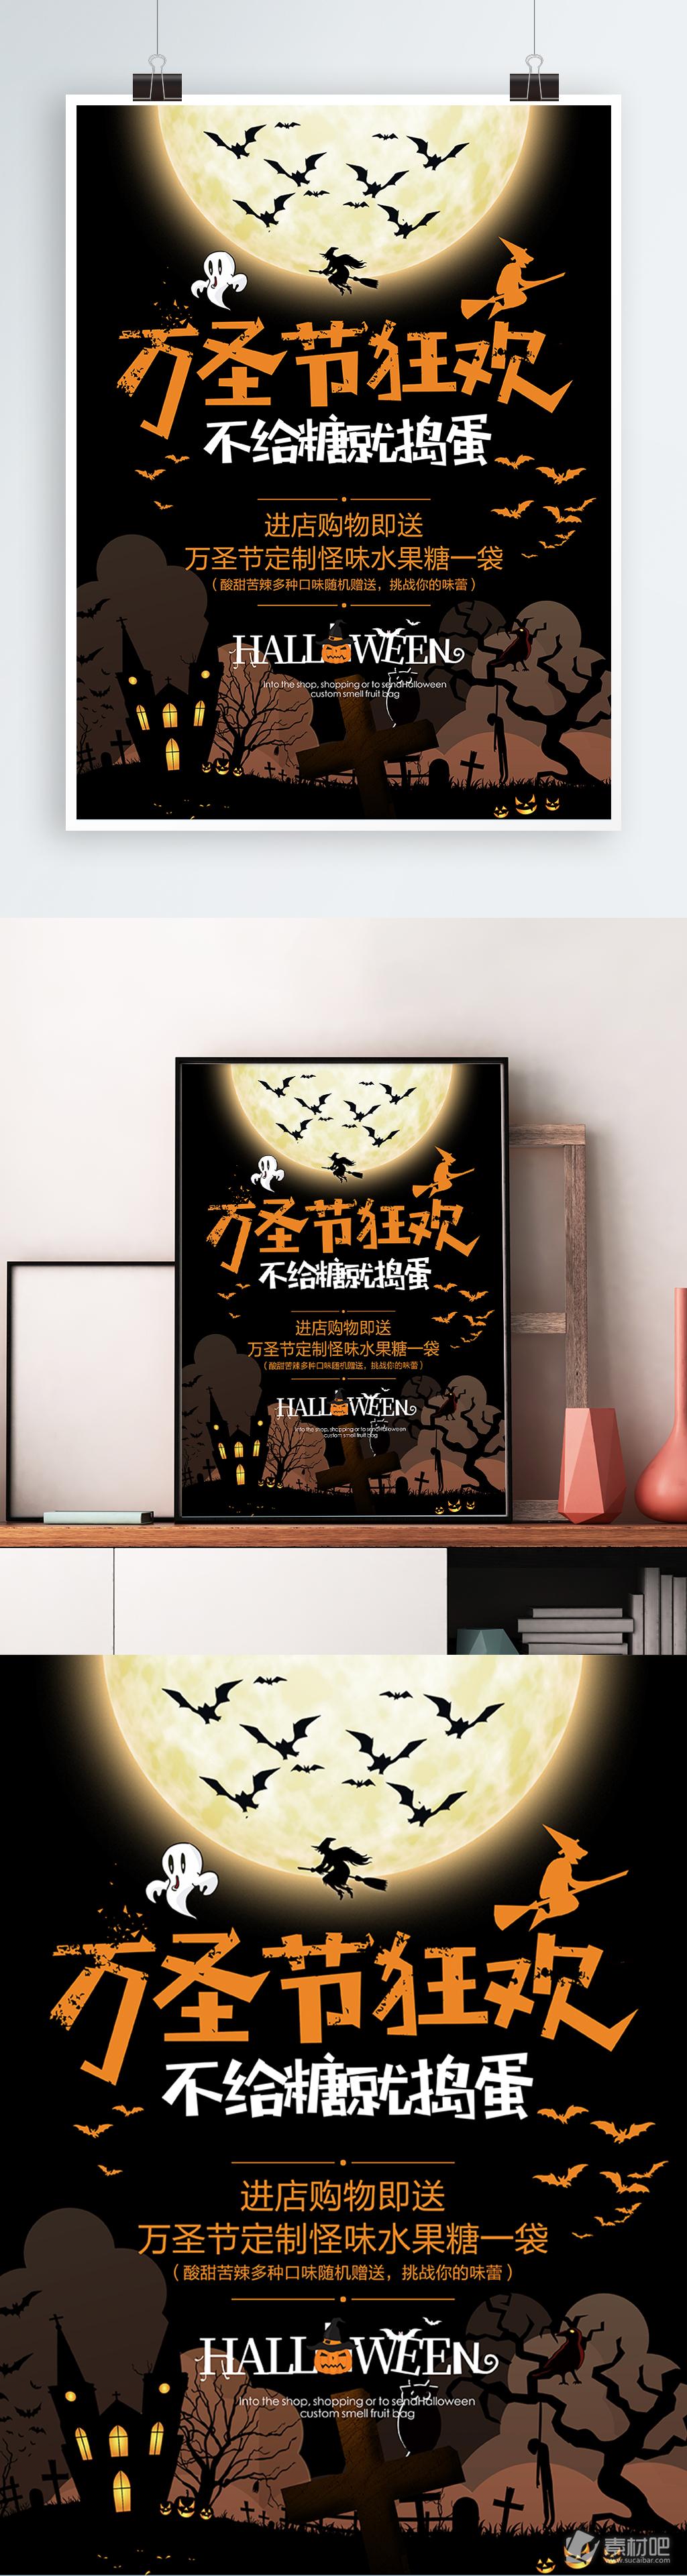 2018年黑色黄色万圣节狂欢海报